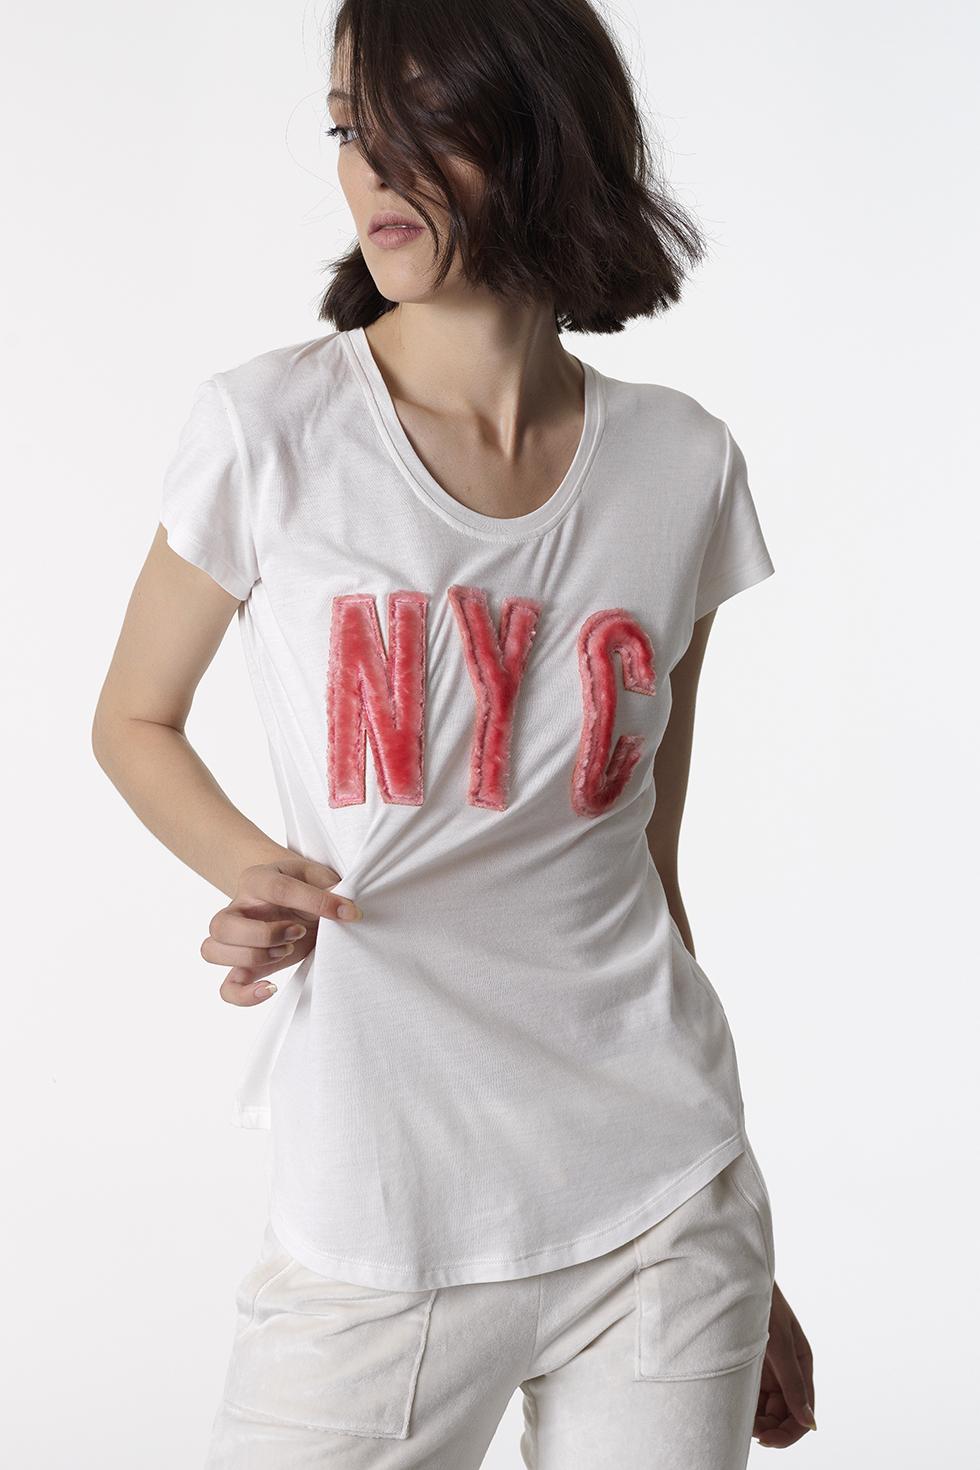 ΒΑΜΒΑΚΕΡΗ ΛΕΥΚΗ ΚΟΝΤΟΜΑΝΙΚΗ ΜΠΛΟΥΖΑ 'NYC' - ΛΕΥΚΟ ΤΟΥ ΠΑΓΟΥ